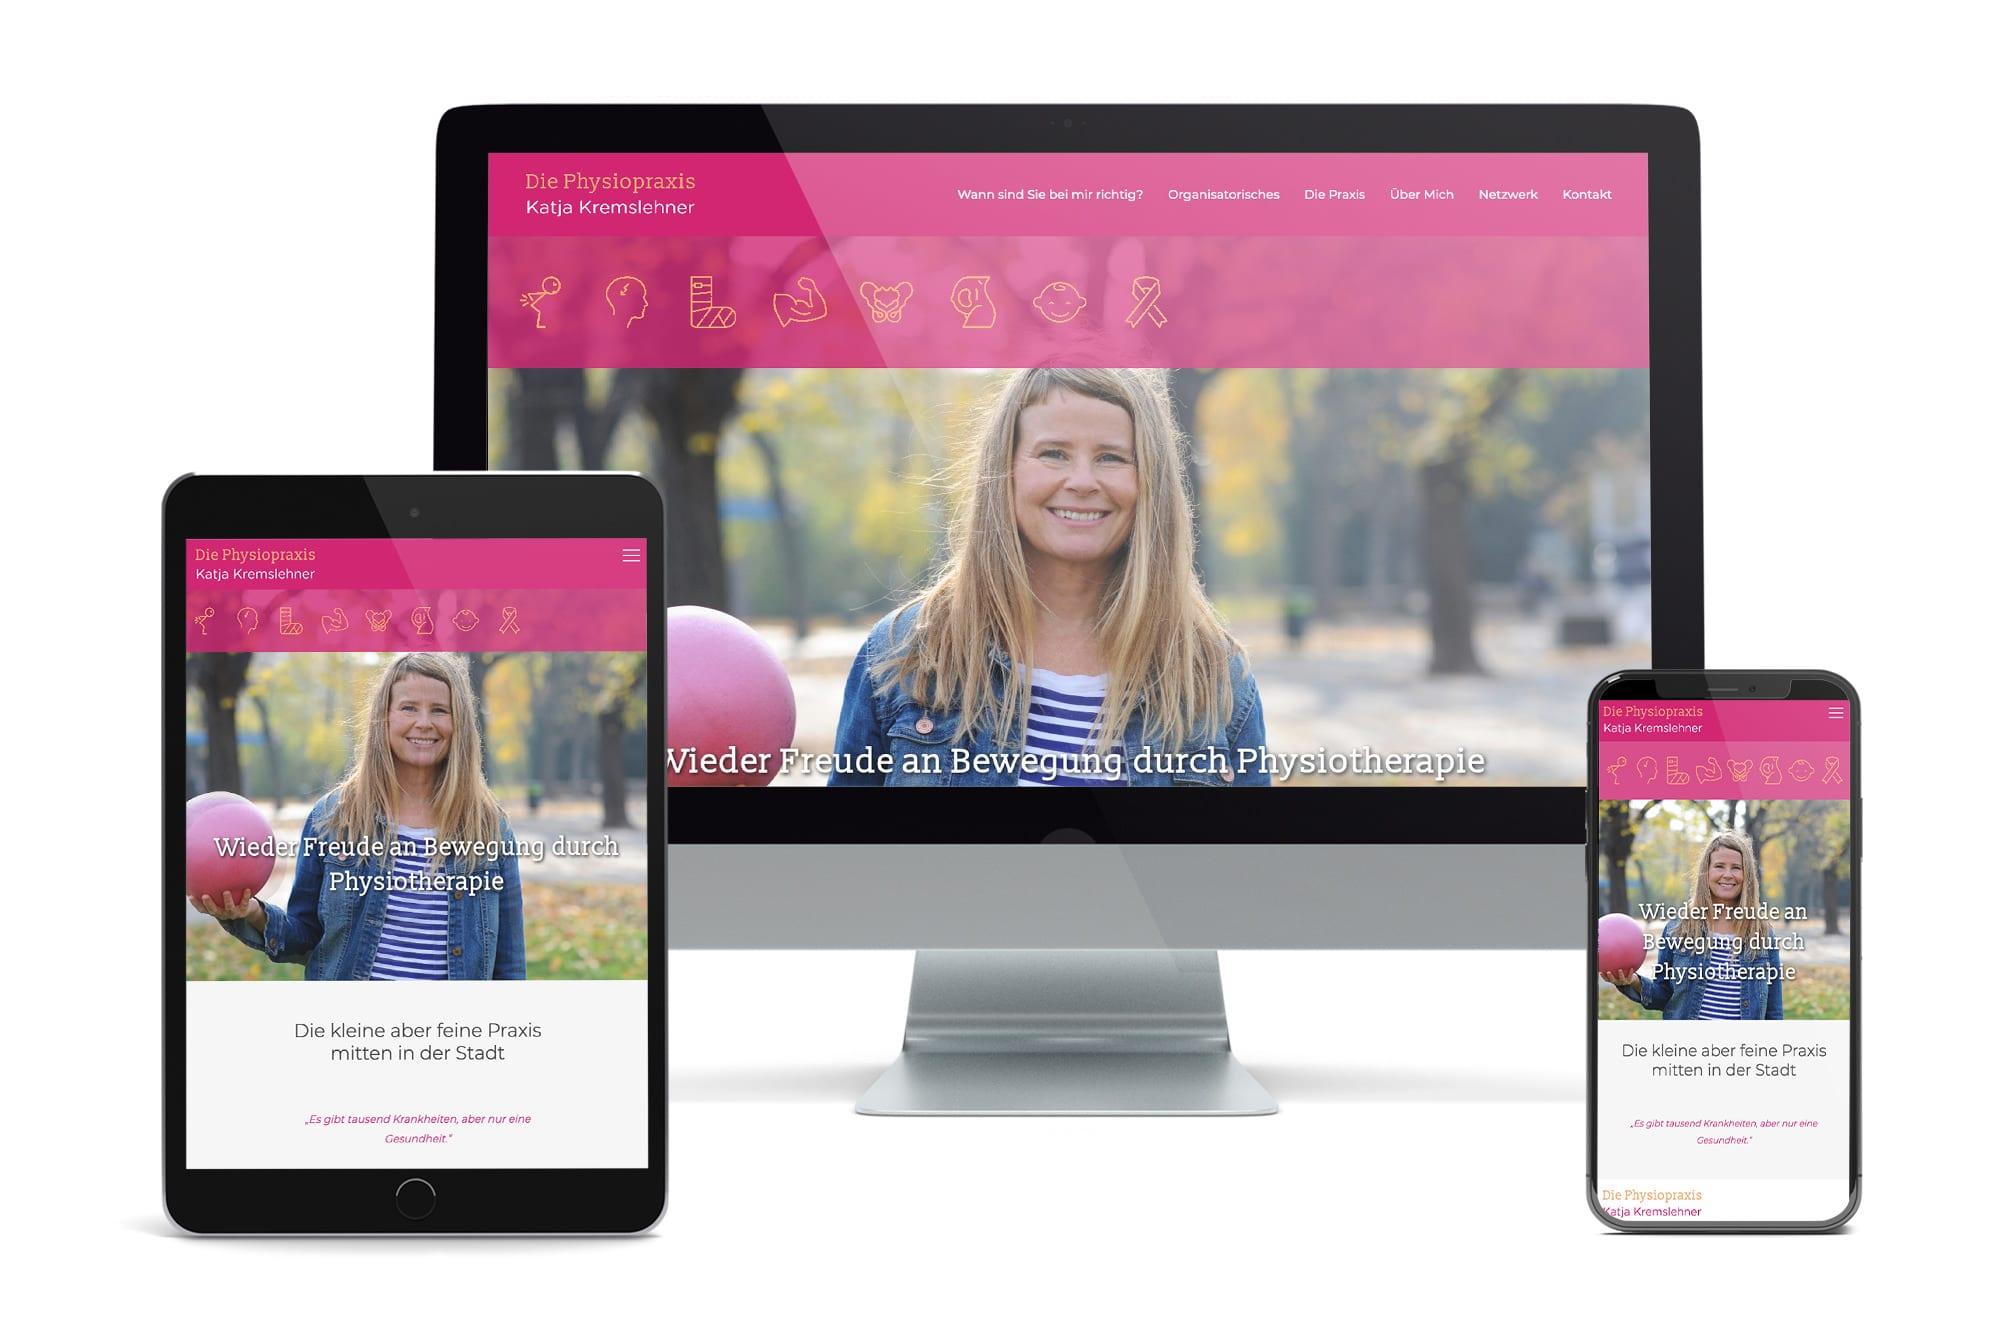 Webdesign Beispiel: Neue Website für Physiotherapie in Wien